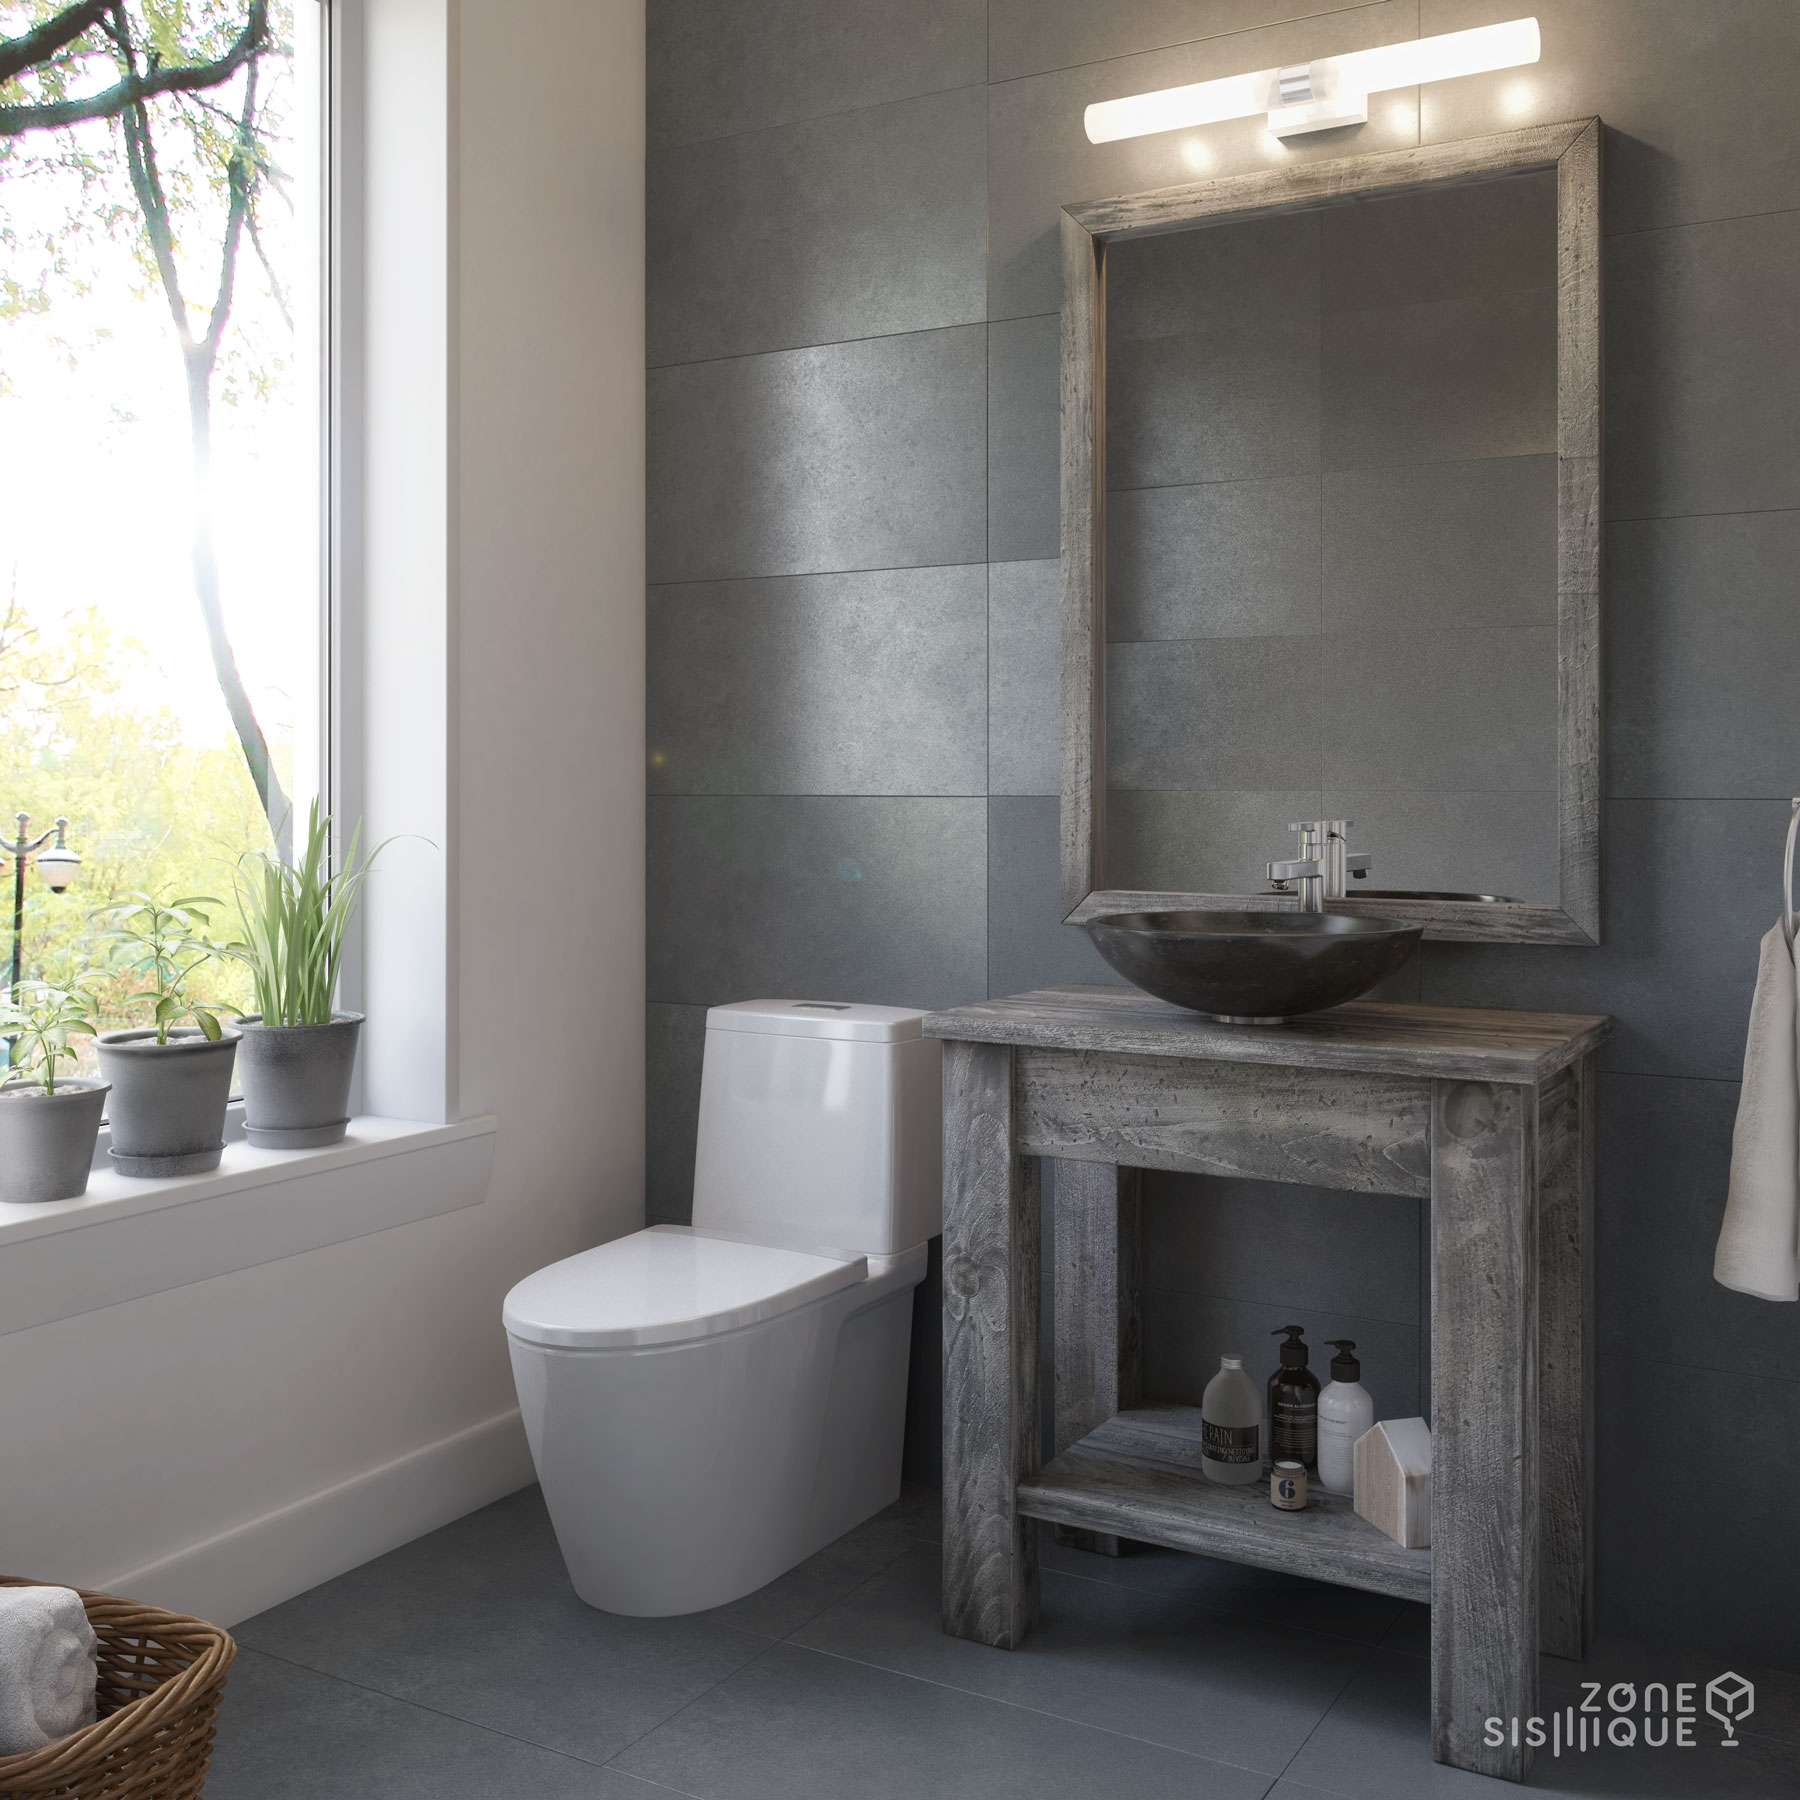 Salle de bain en 3d latest un rendu d de salle de bains - Conception salle de bain 3d ...